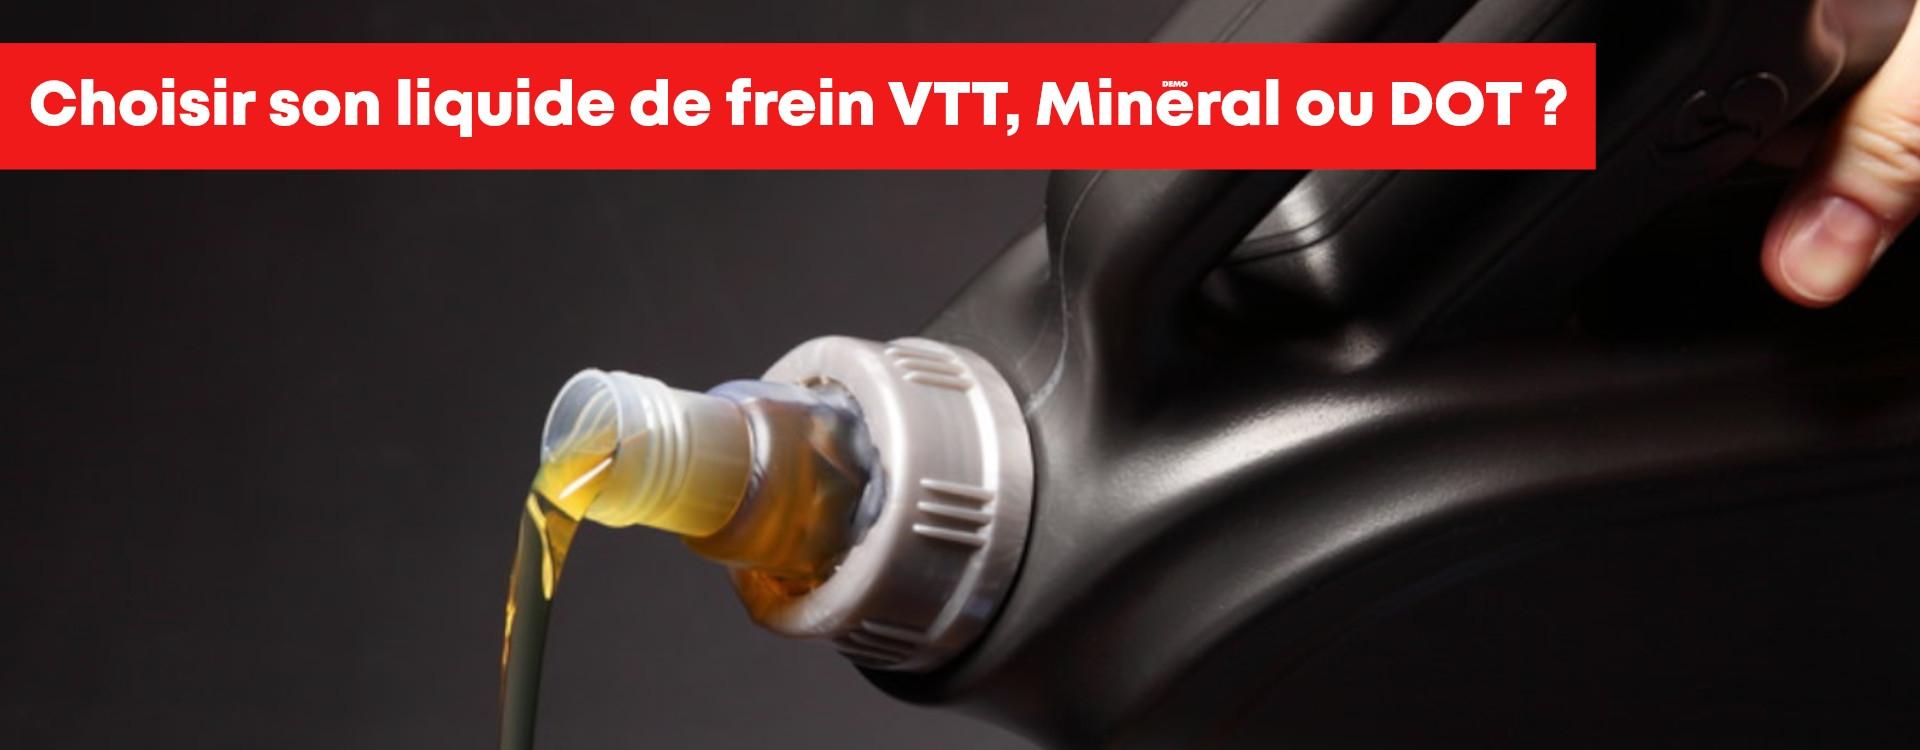 Huile minérale ou DOT pour vos freins VTT ? Le guide ici !